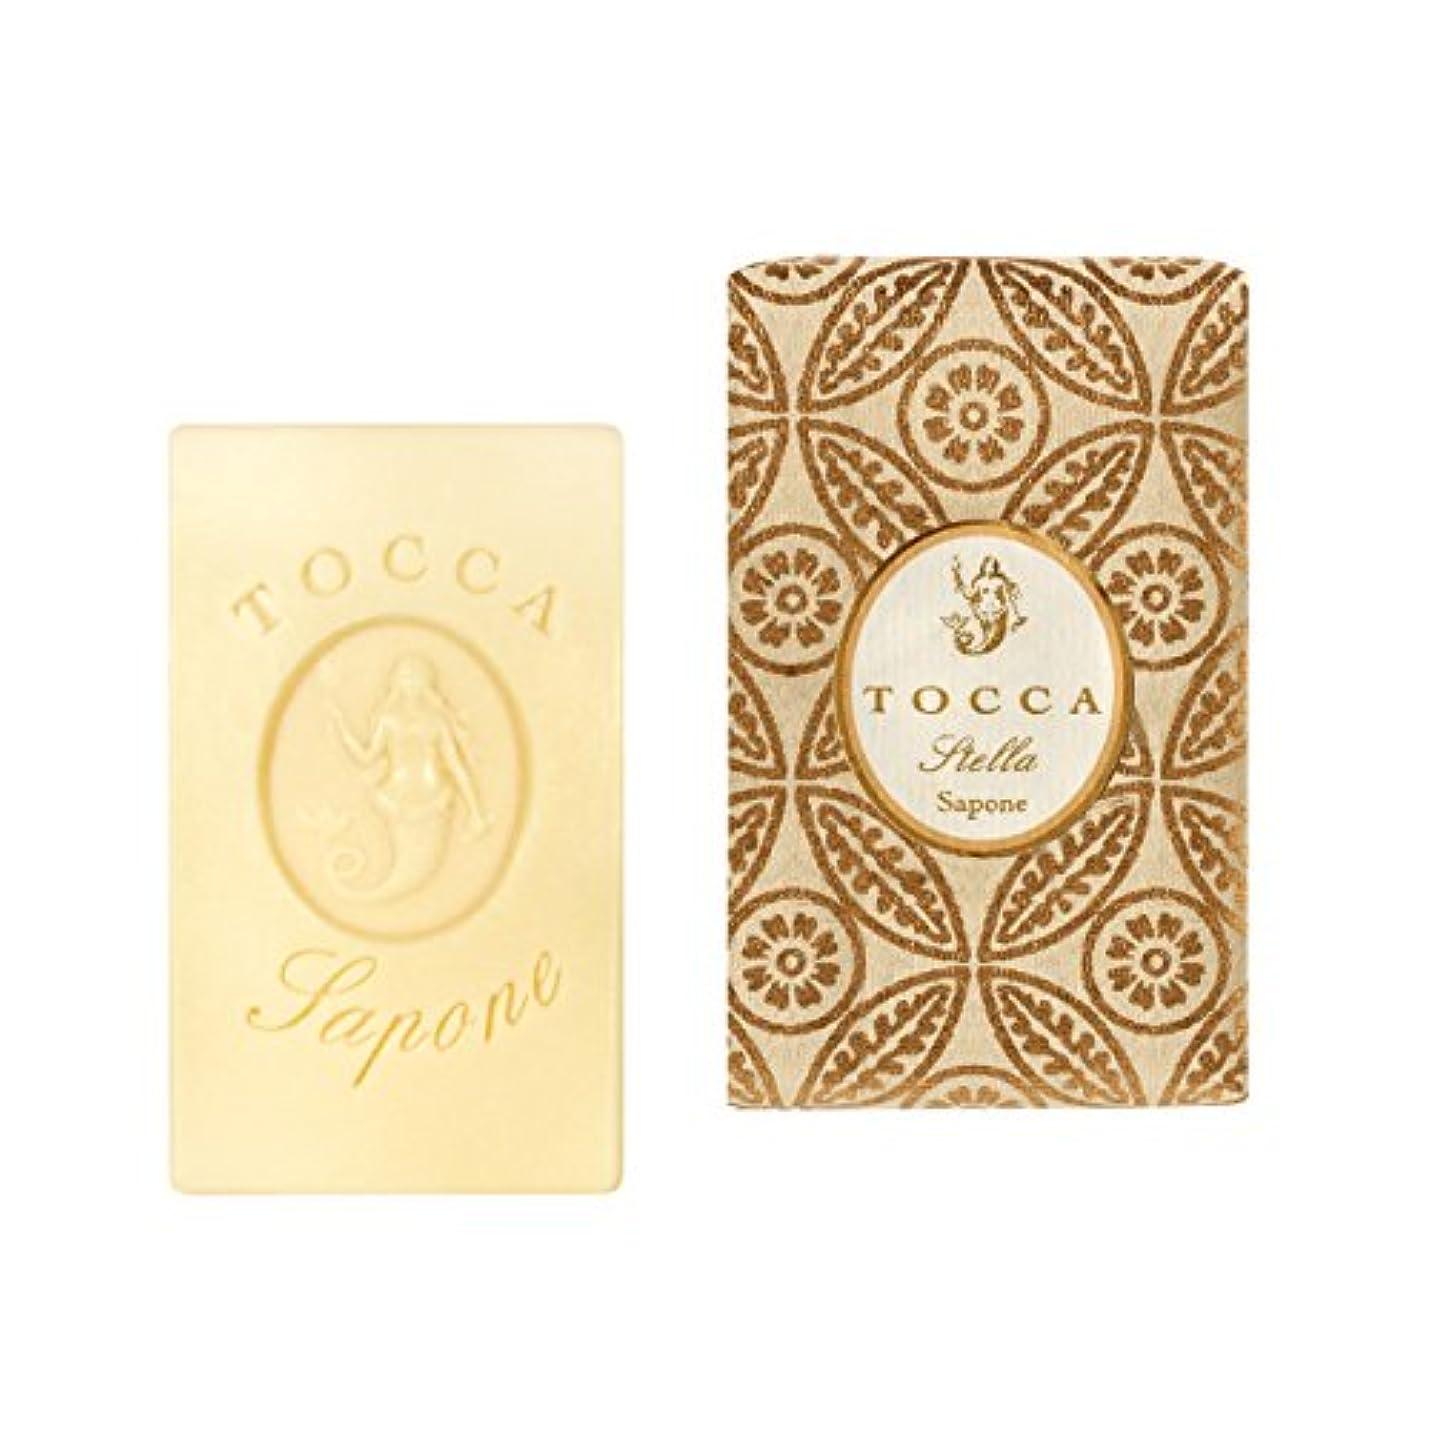 織る原油ハイブリッドトッカ(TOCCA) ソープバー ステラの香り 113g(石けん 化粧石けん イタリアンブラッドオレンジが奏でるフレッシュでビターな爽やかさ漂う香り)